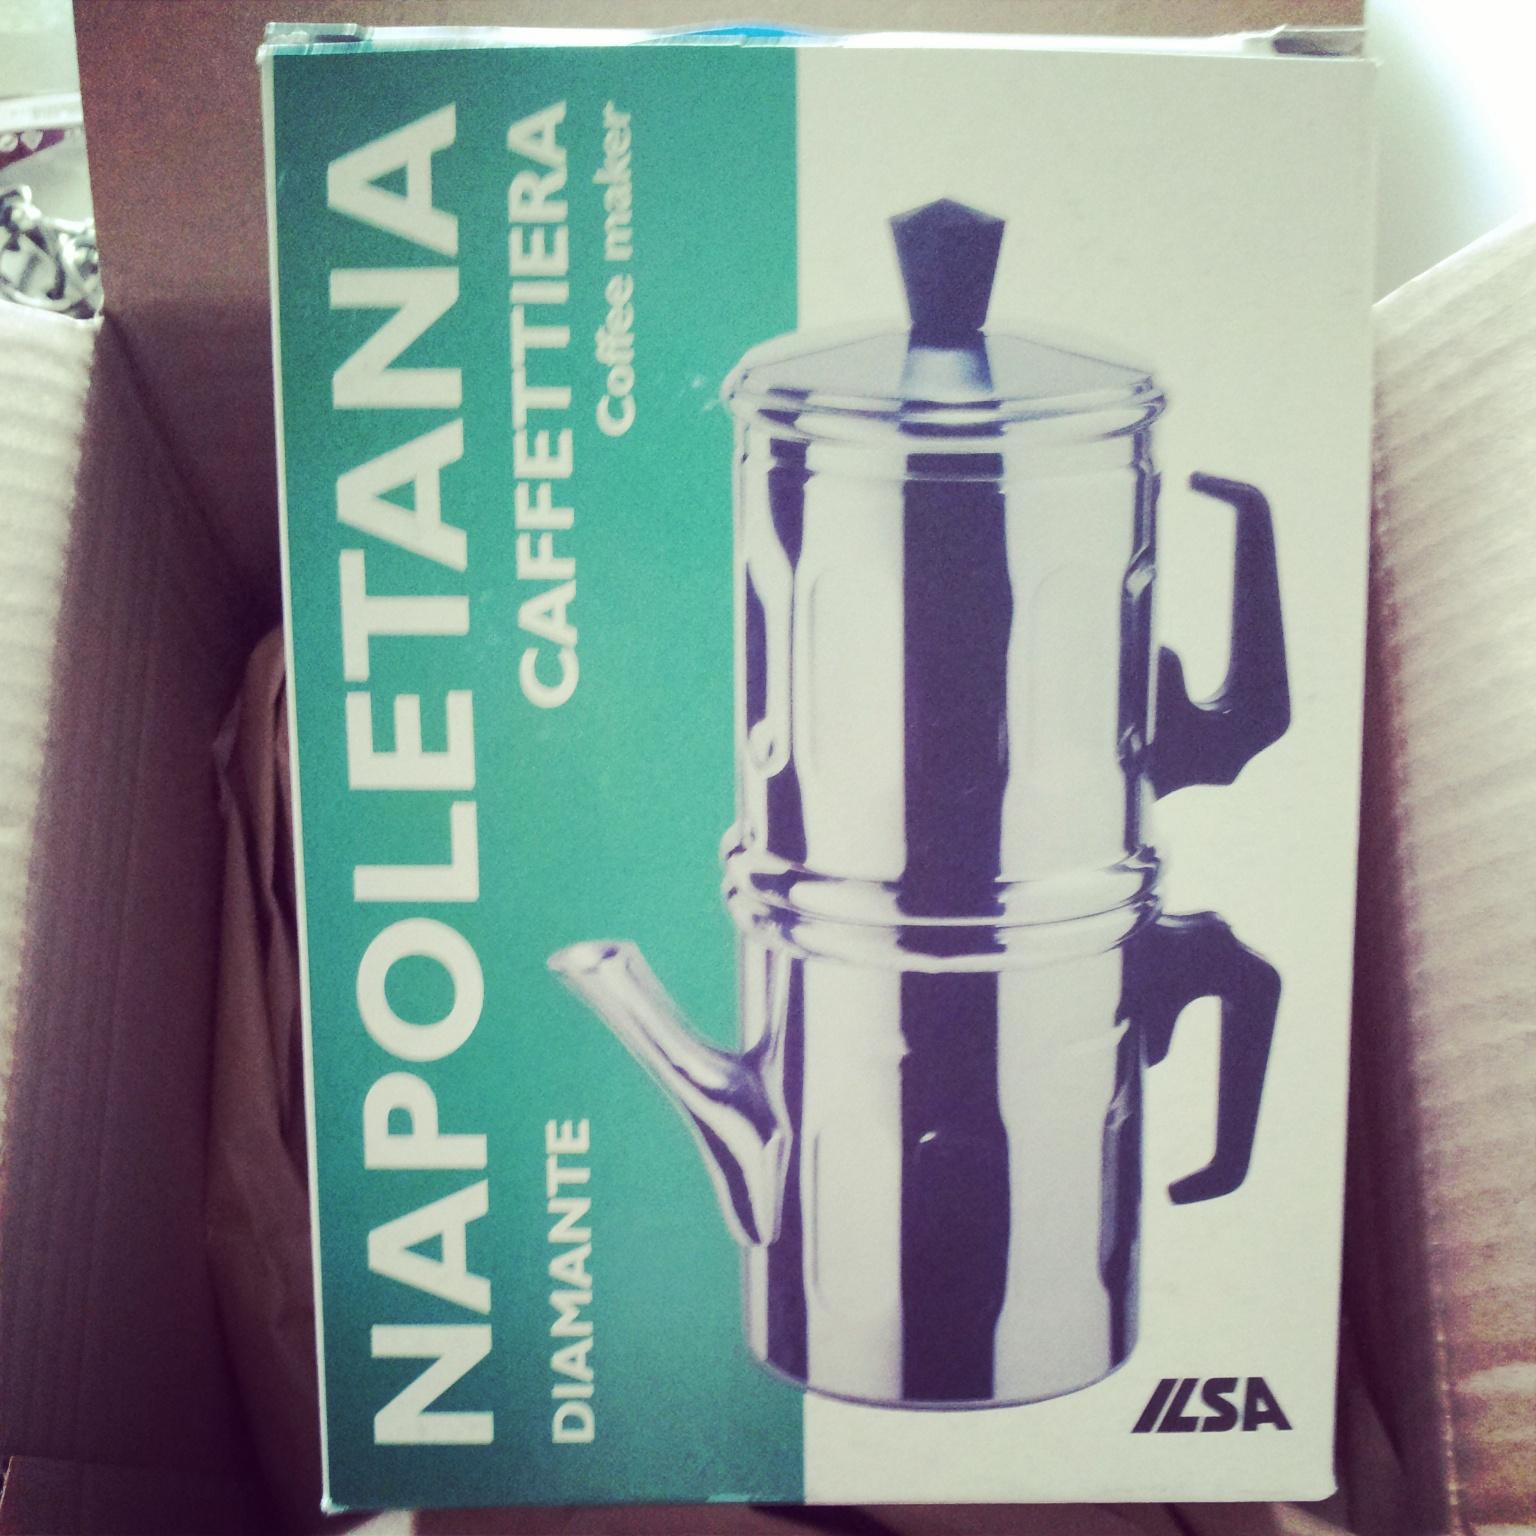 Gebruik van de Neapolitan flip coffee pot